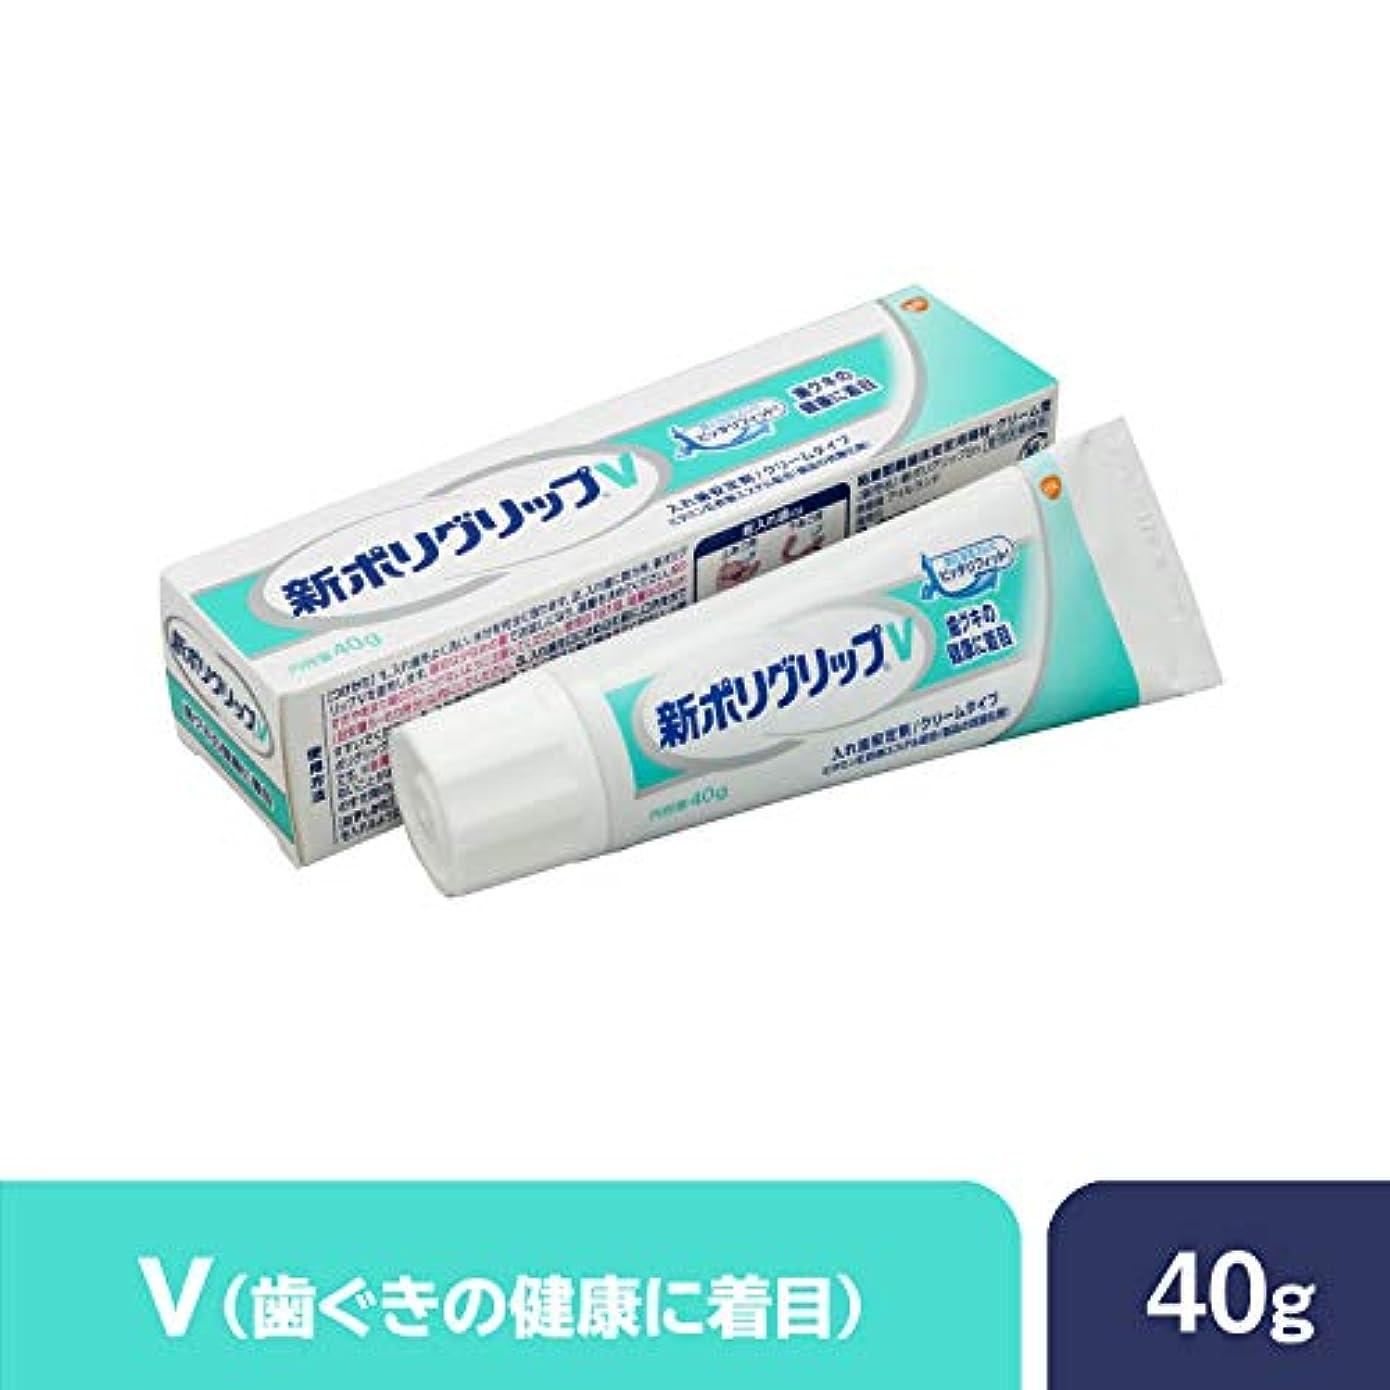 選挙フェミニン洗練された部分?総入れ歯安定剤 新ポリグリップ V(歯グキの健康に着目) 40g